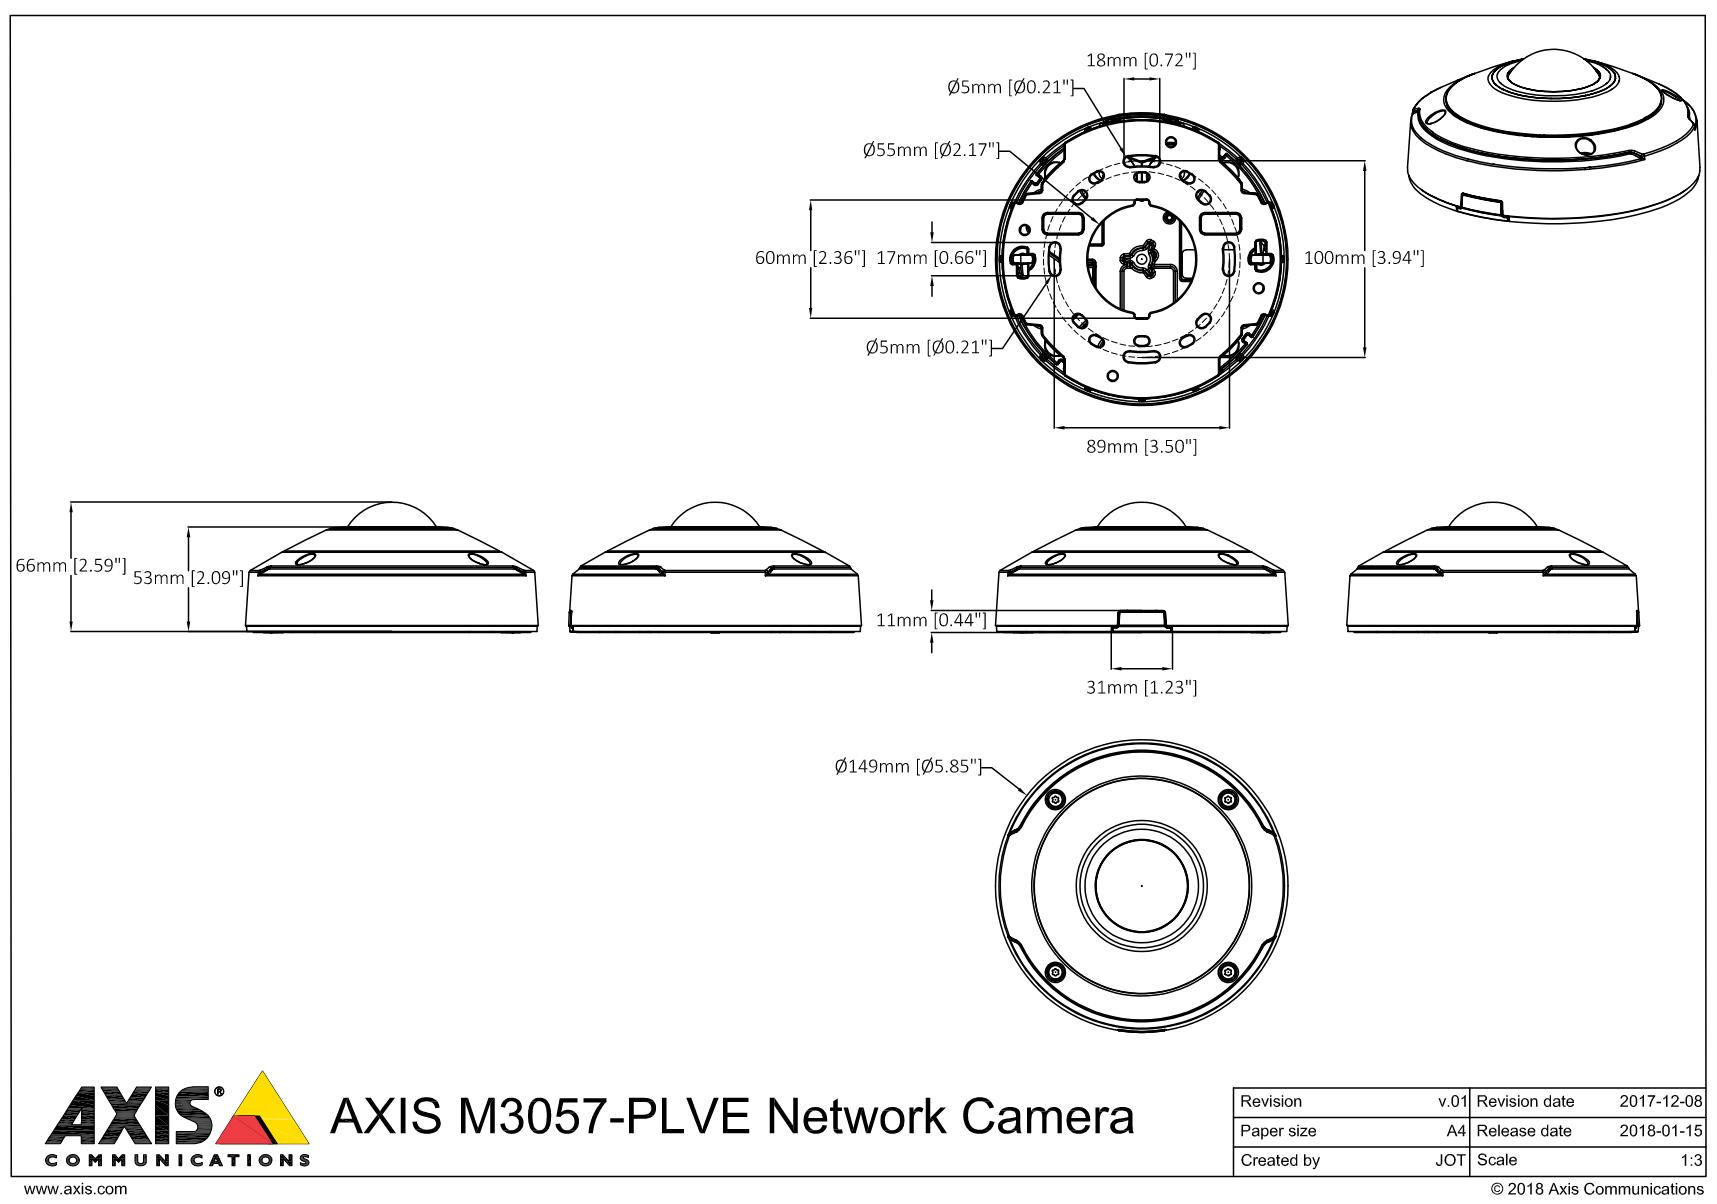 M3057-PLVE Dimensions